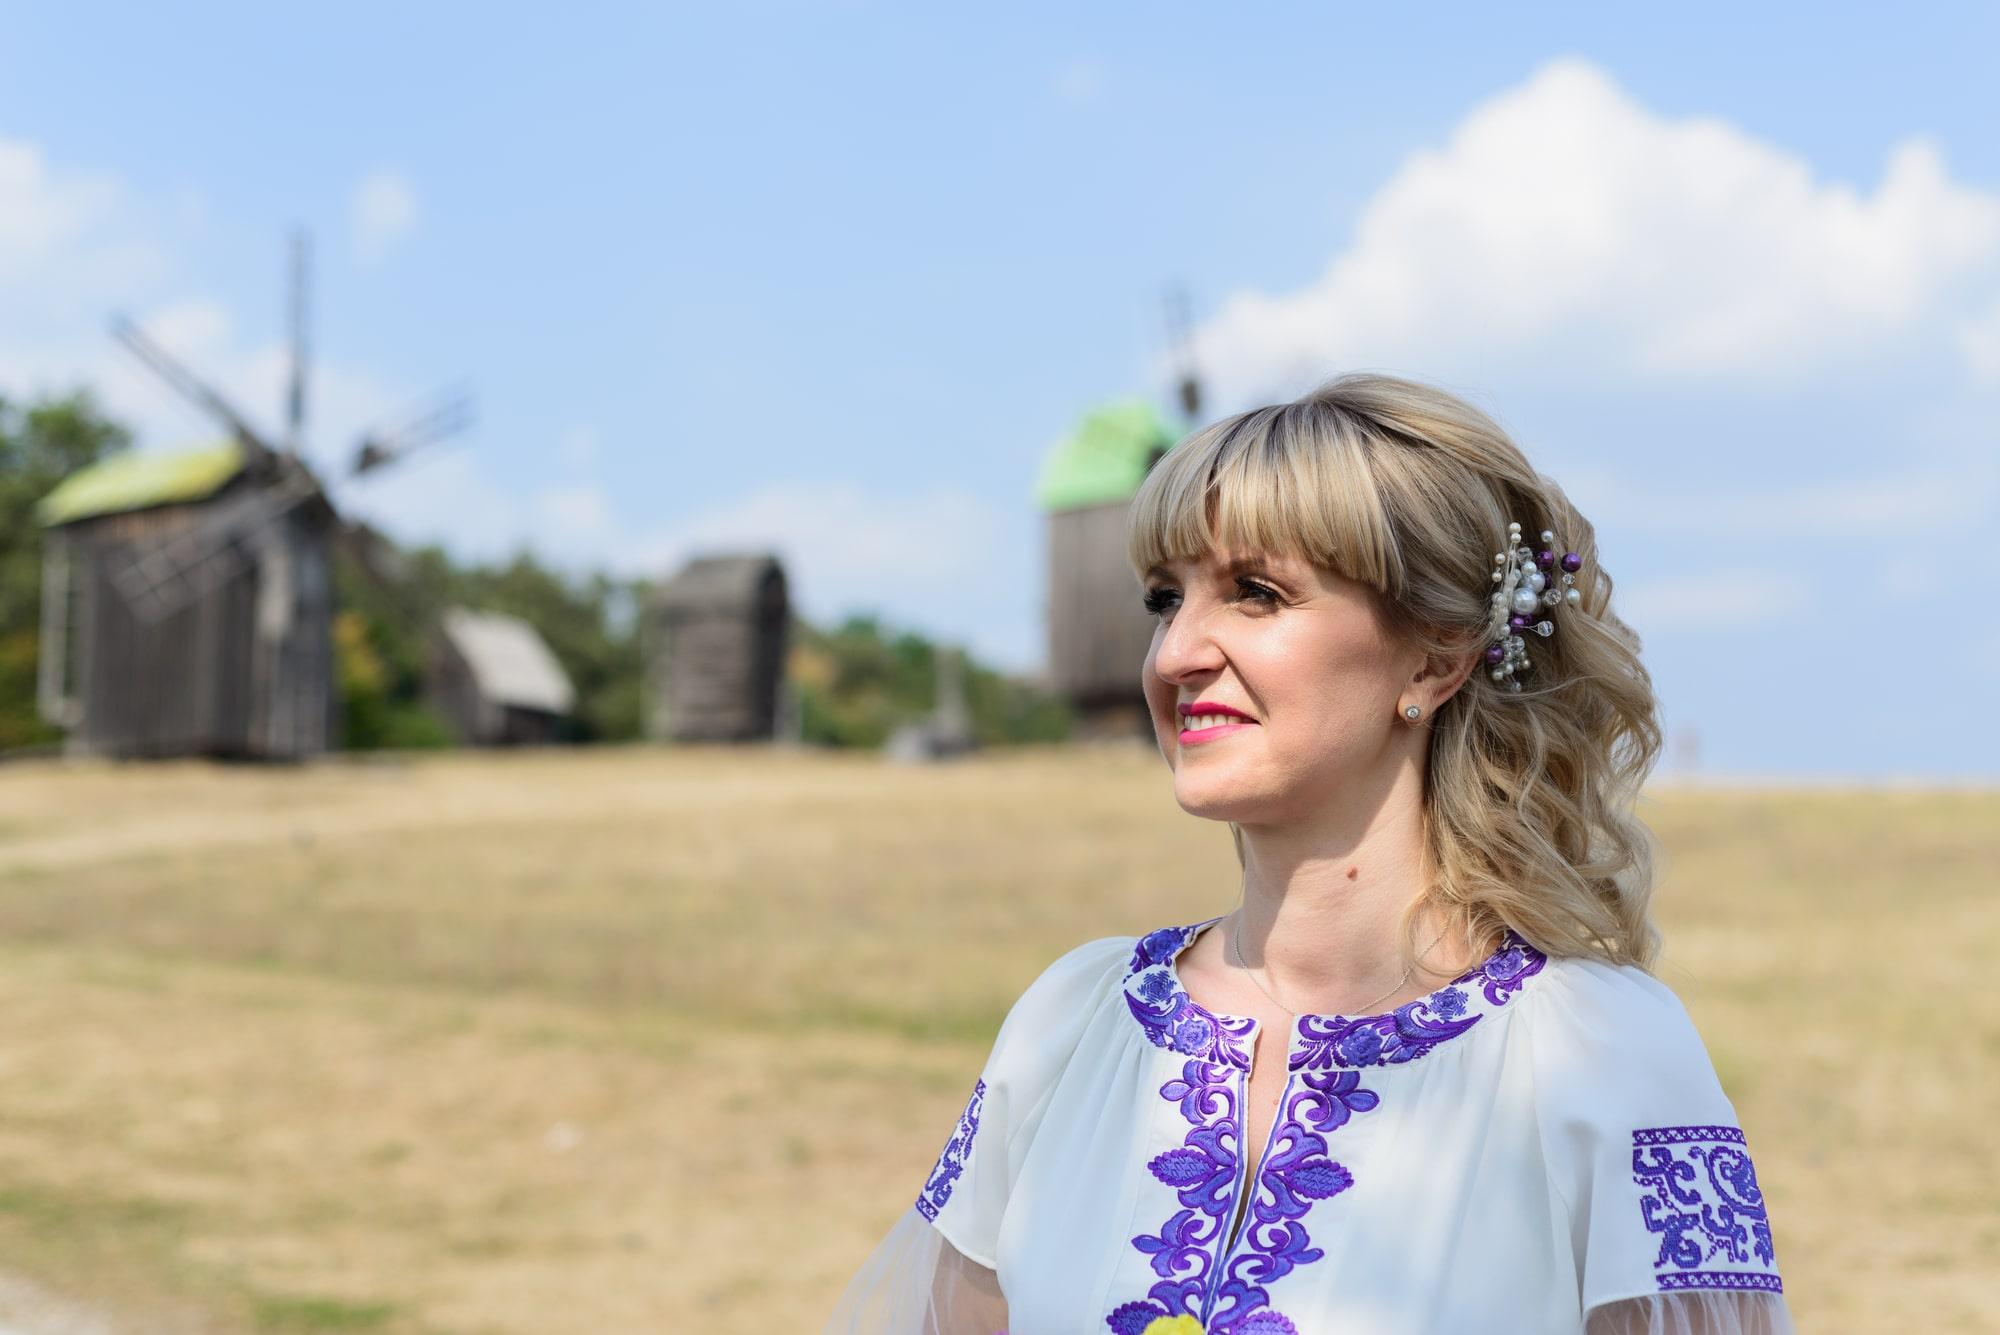 Свадебная фотосессия в Пирогово - фото невесты с мельницами